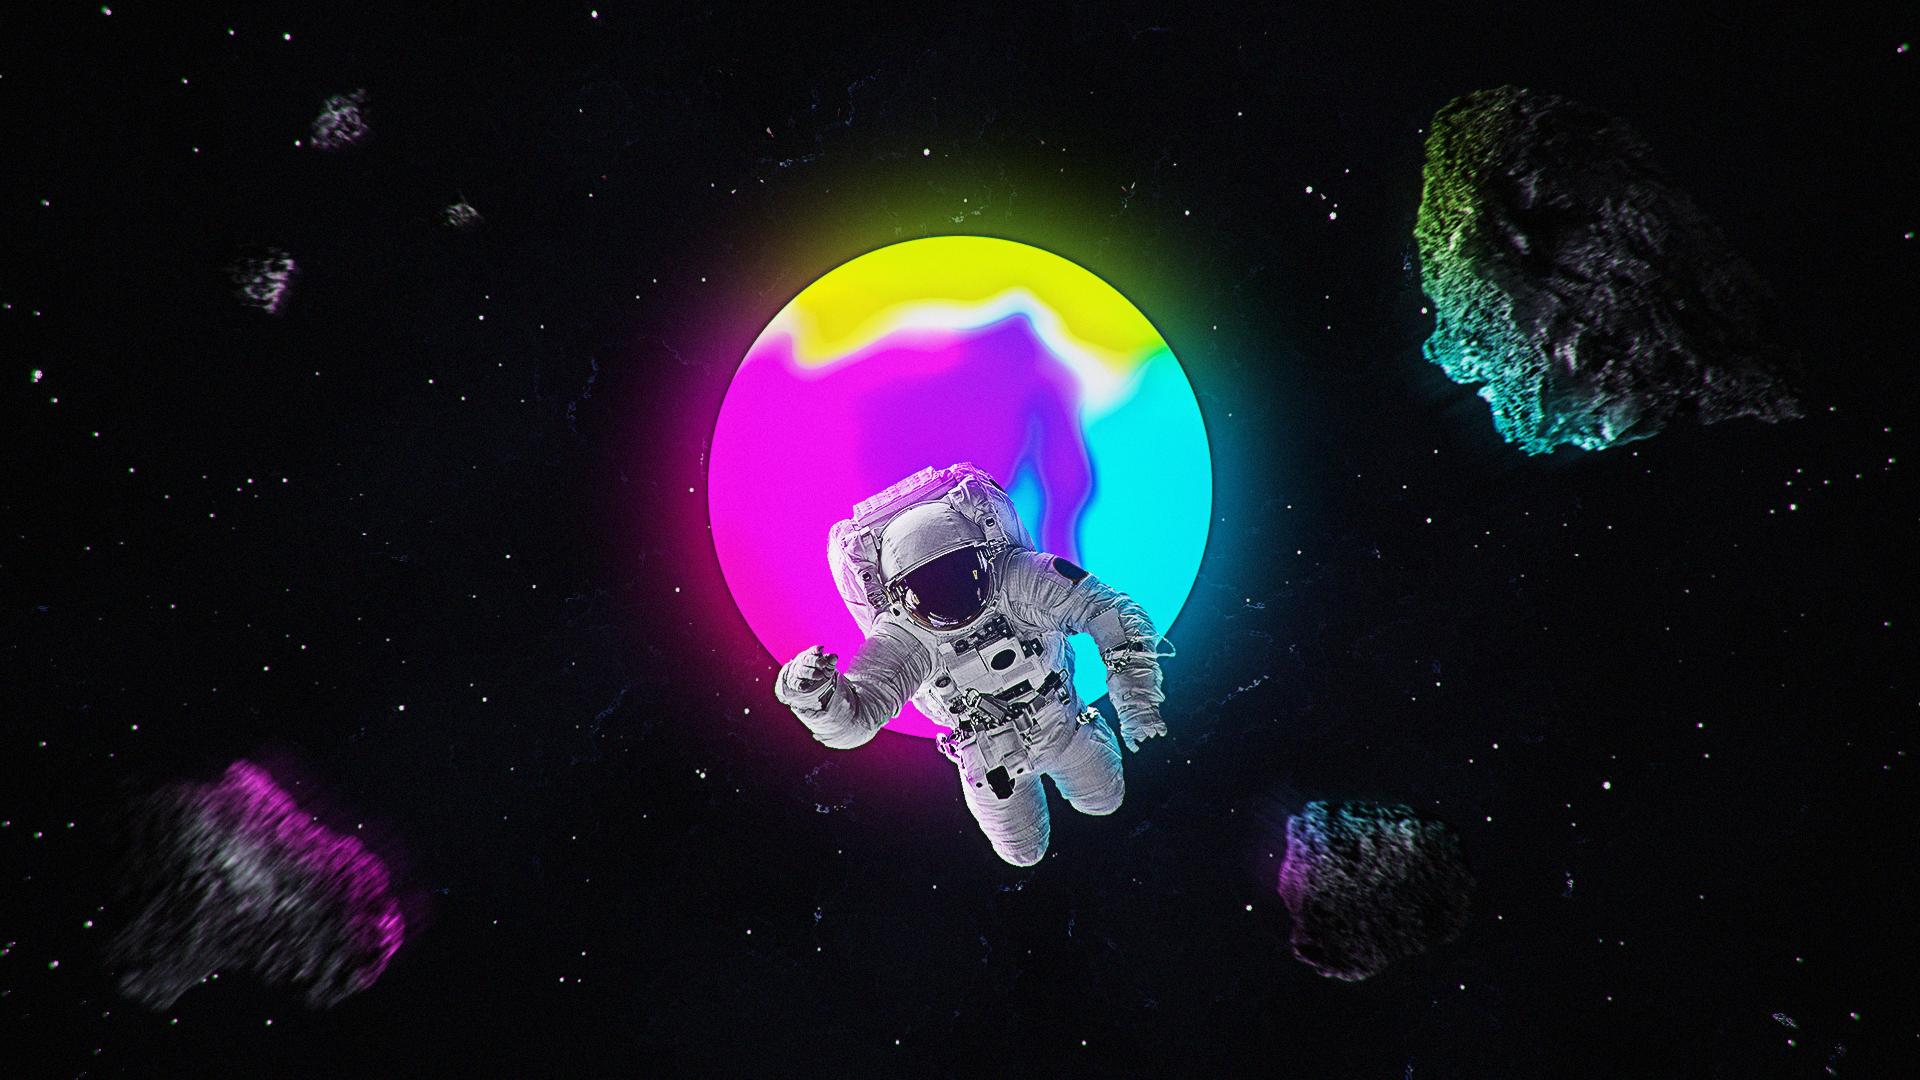 Обои астронавт, земля. Фантастика foto 4